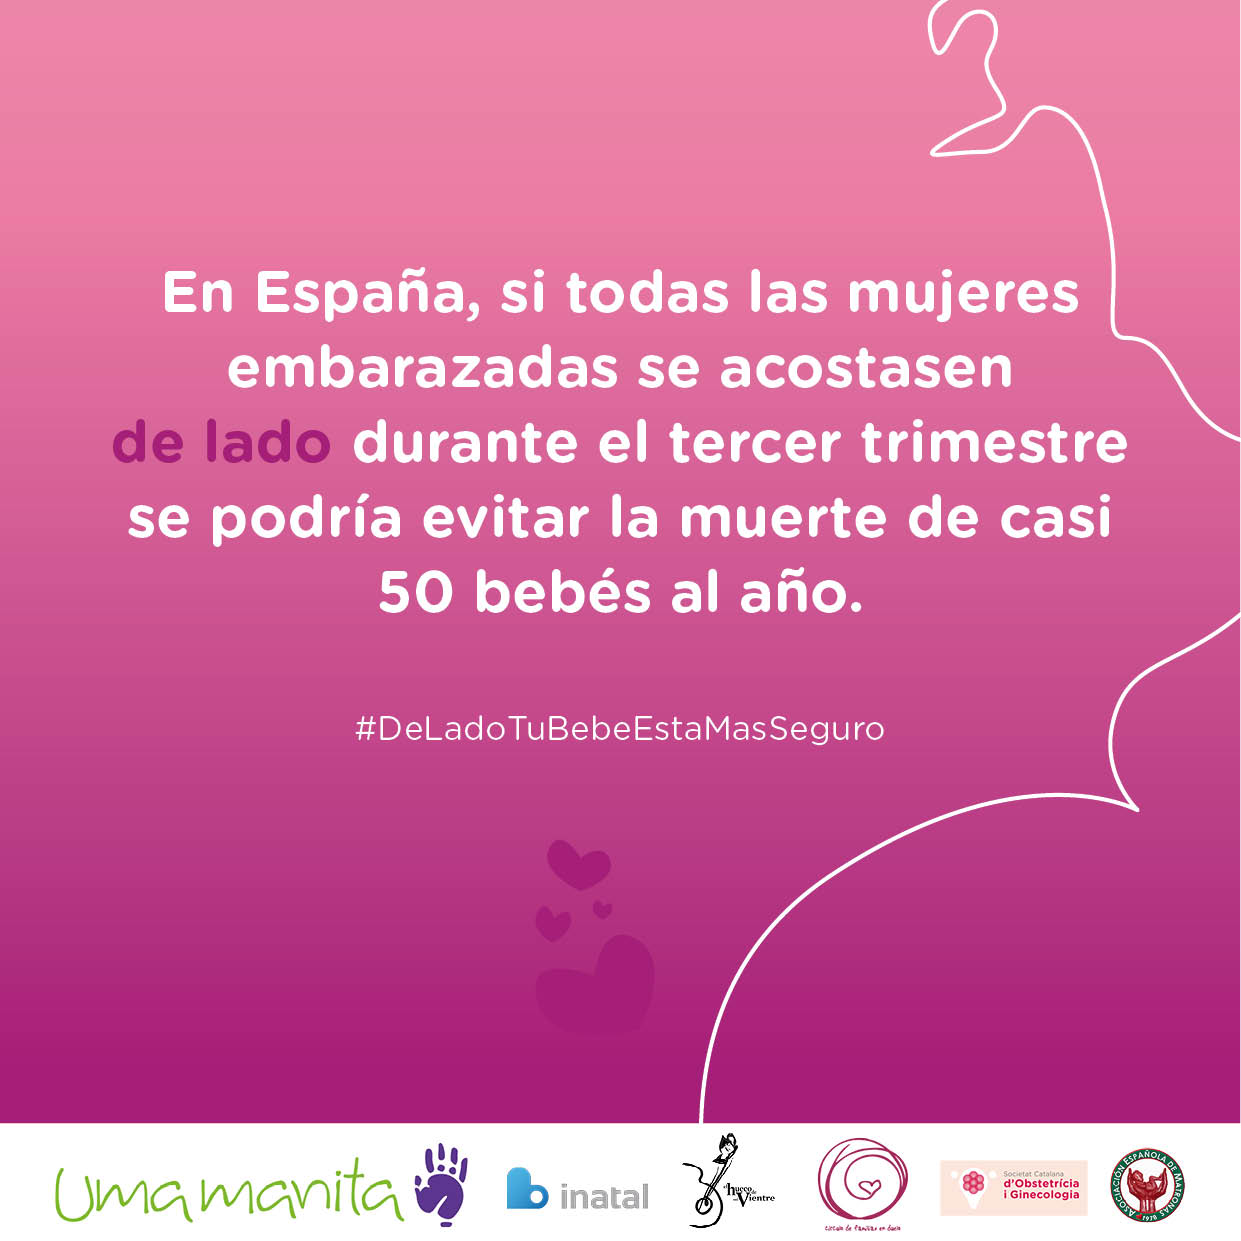 bc56bc6e9 ... embarazadas en España se acostasen de lado durante el tercer trimestre  se podría evitar la muerte de alrededor de 50 bebés al año.